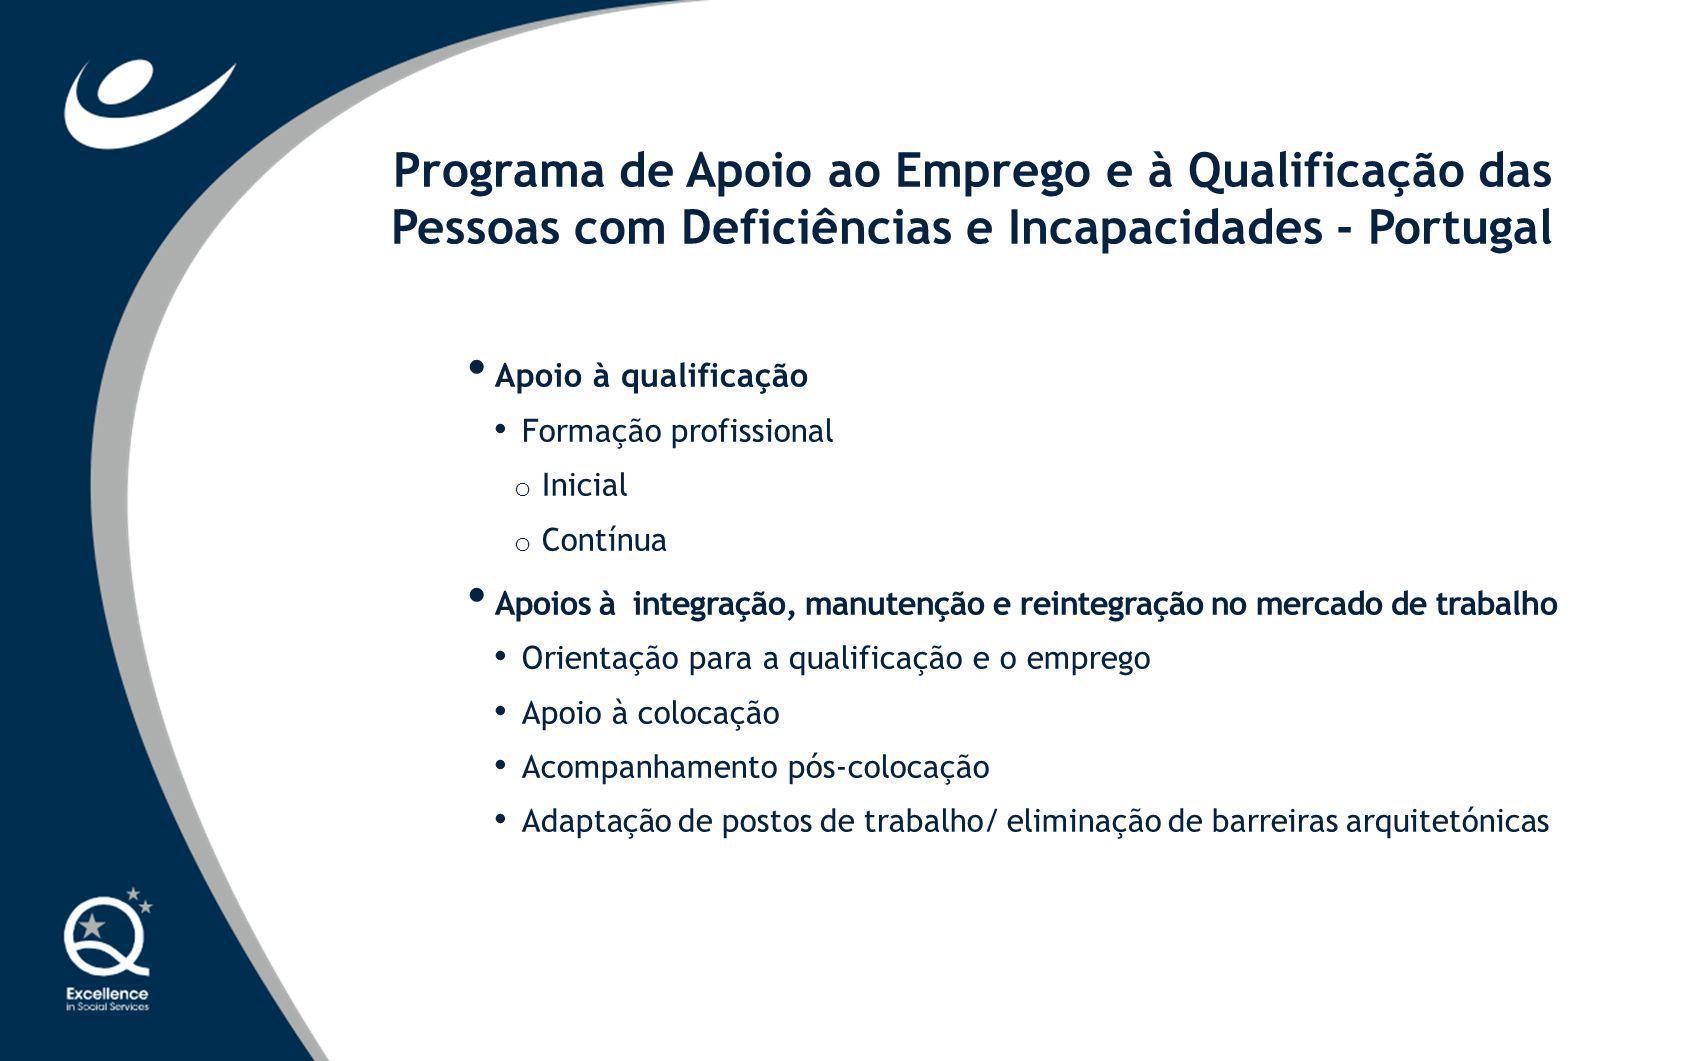 Programa de Apoio ao Emprego e à Qualificação das Pessoas com Deficiências e Incapacidades - Portugal